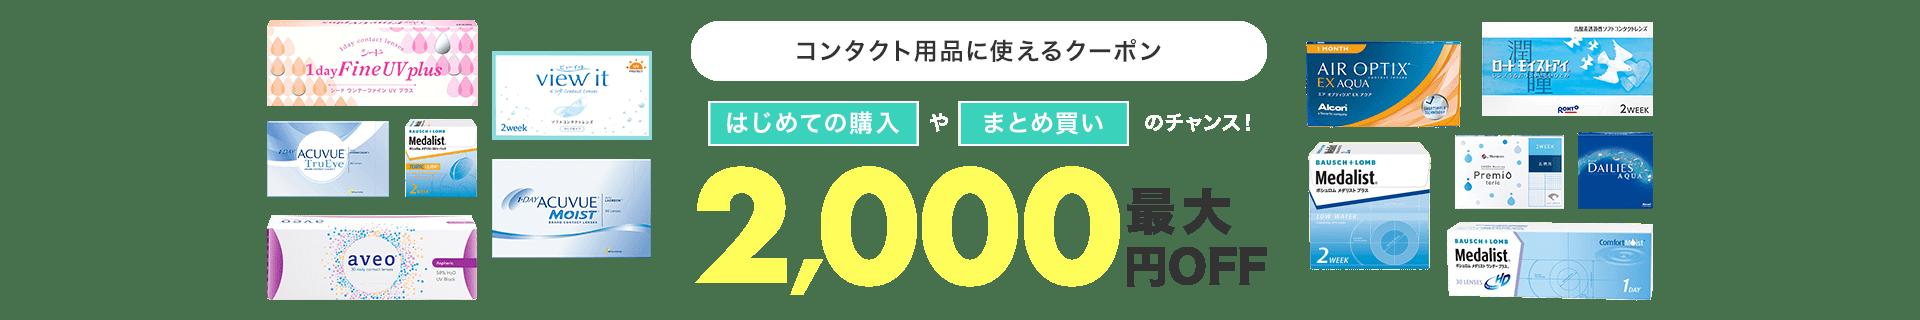 コンタクト用品に使える最大2,000円OFFクーポン